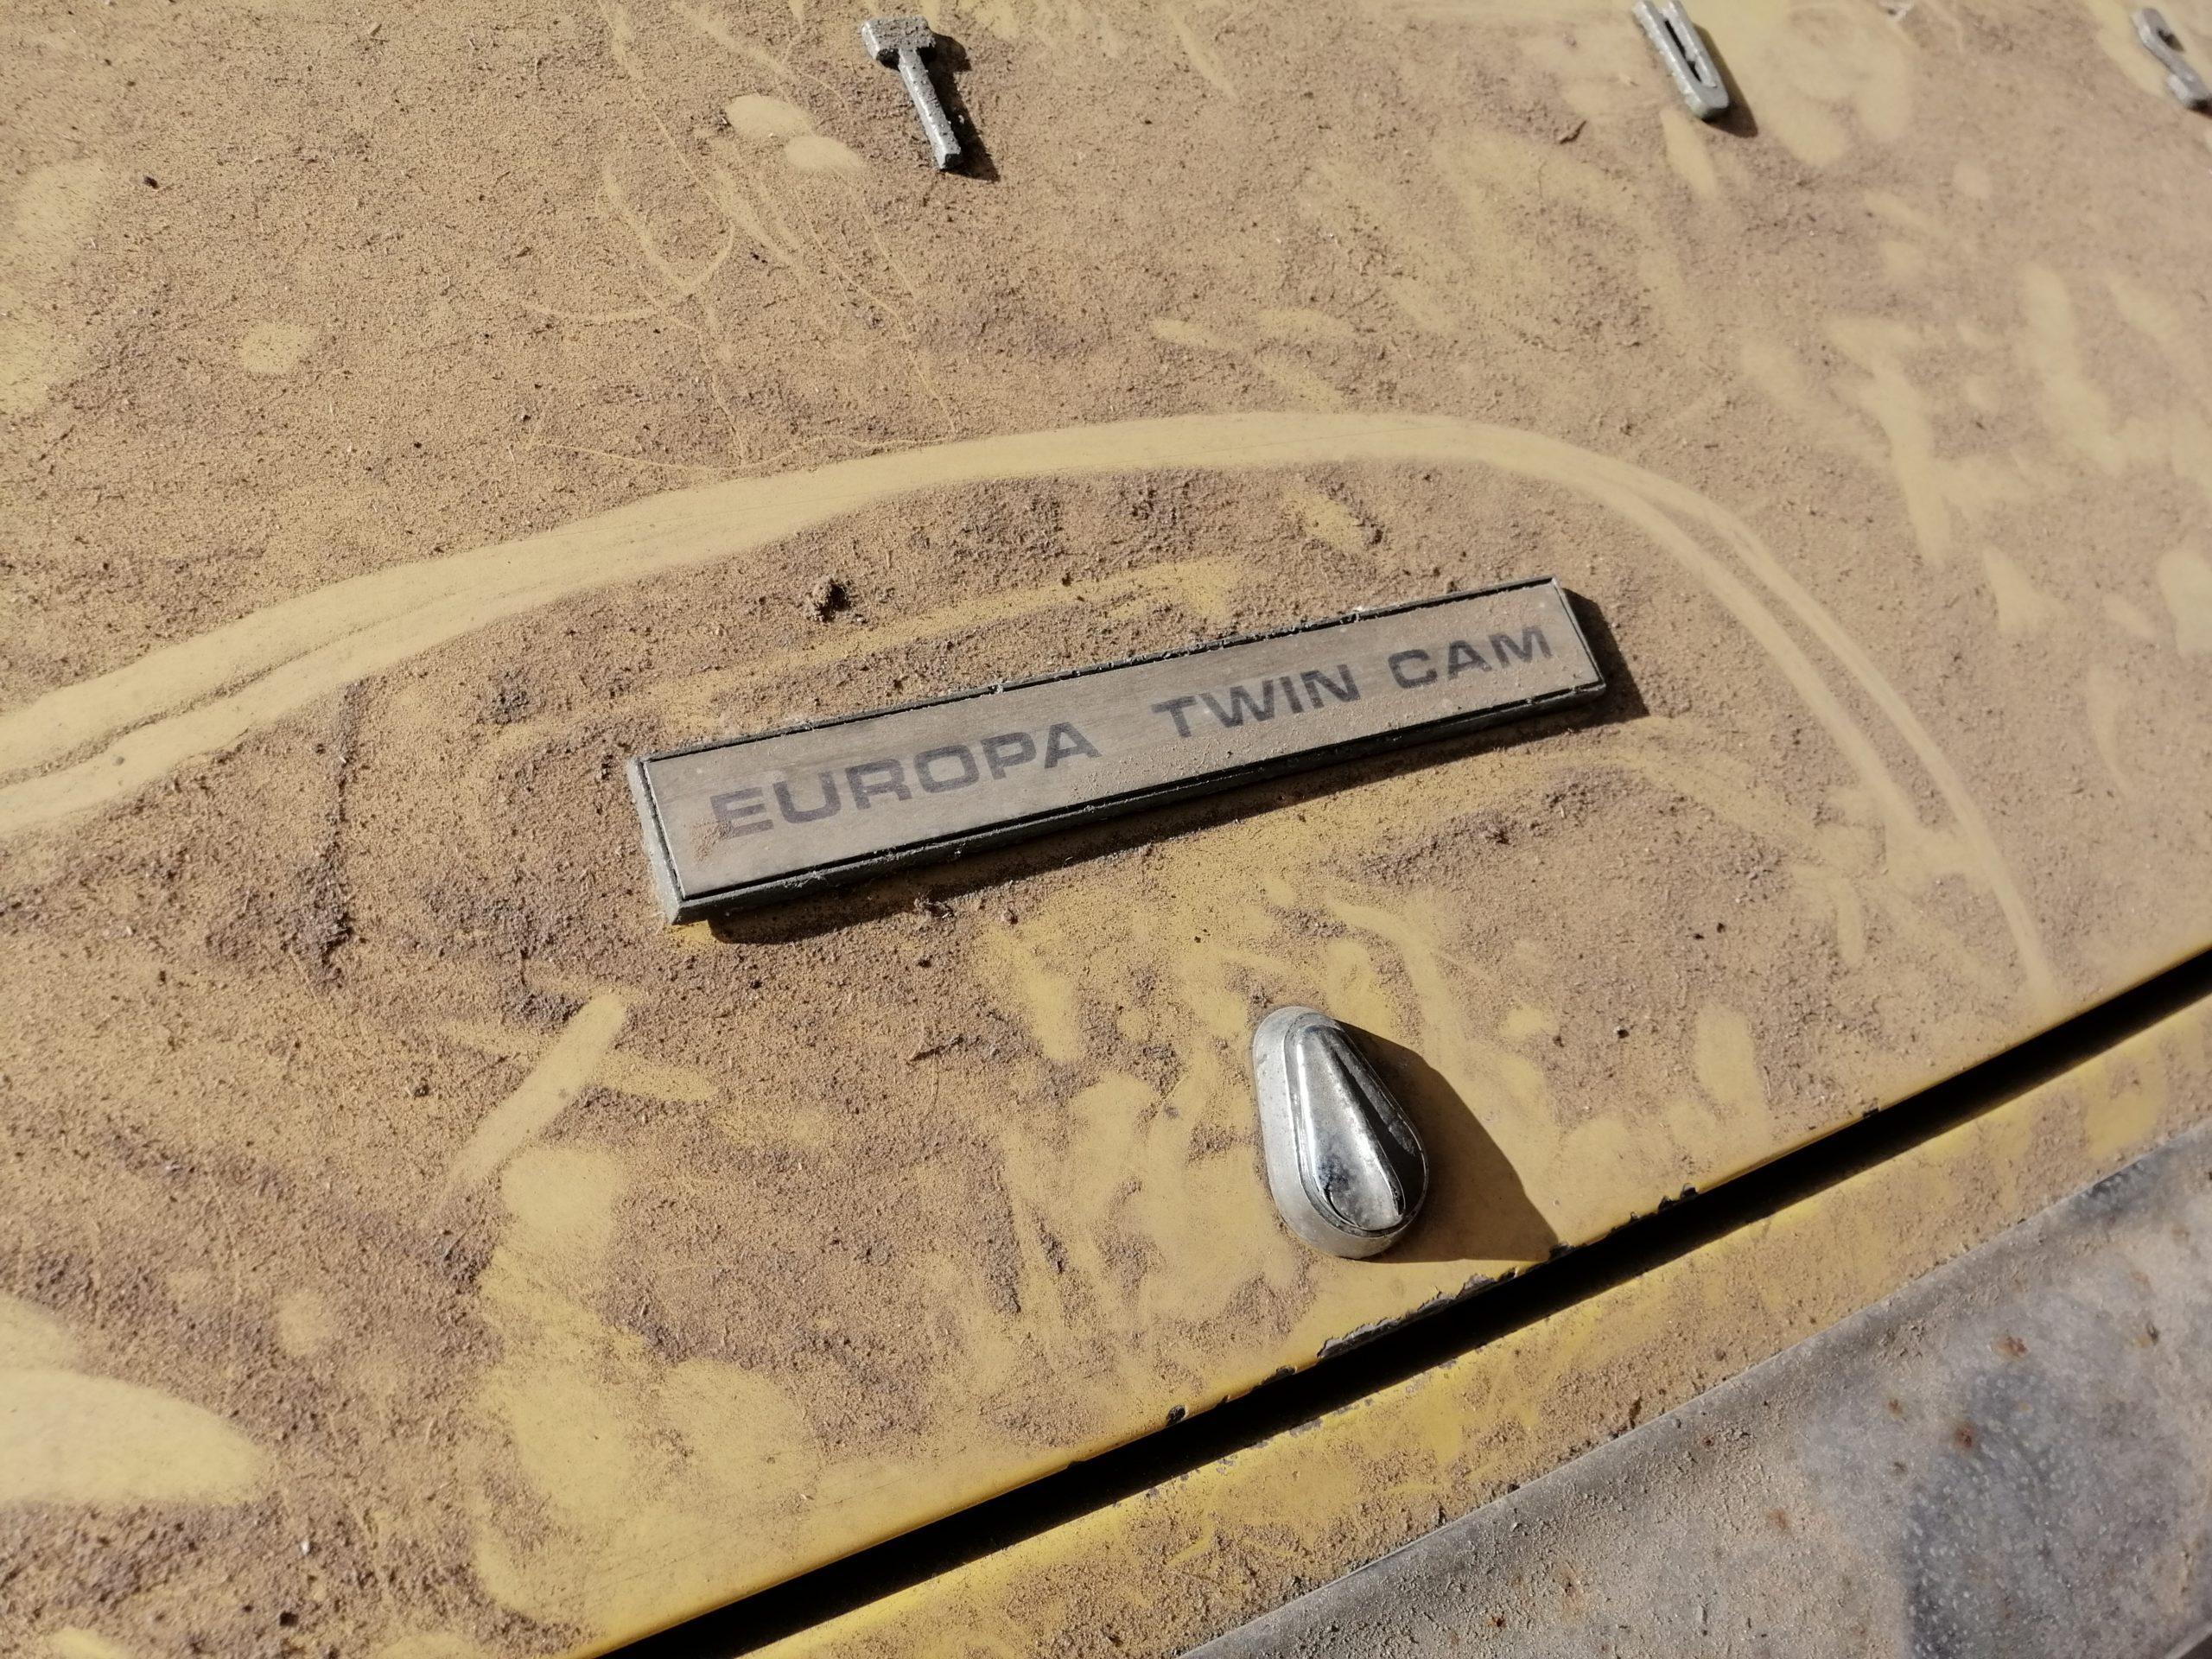 18092020_1971_Lotus_Europa_See-Freddie-or-Gordon20-1